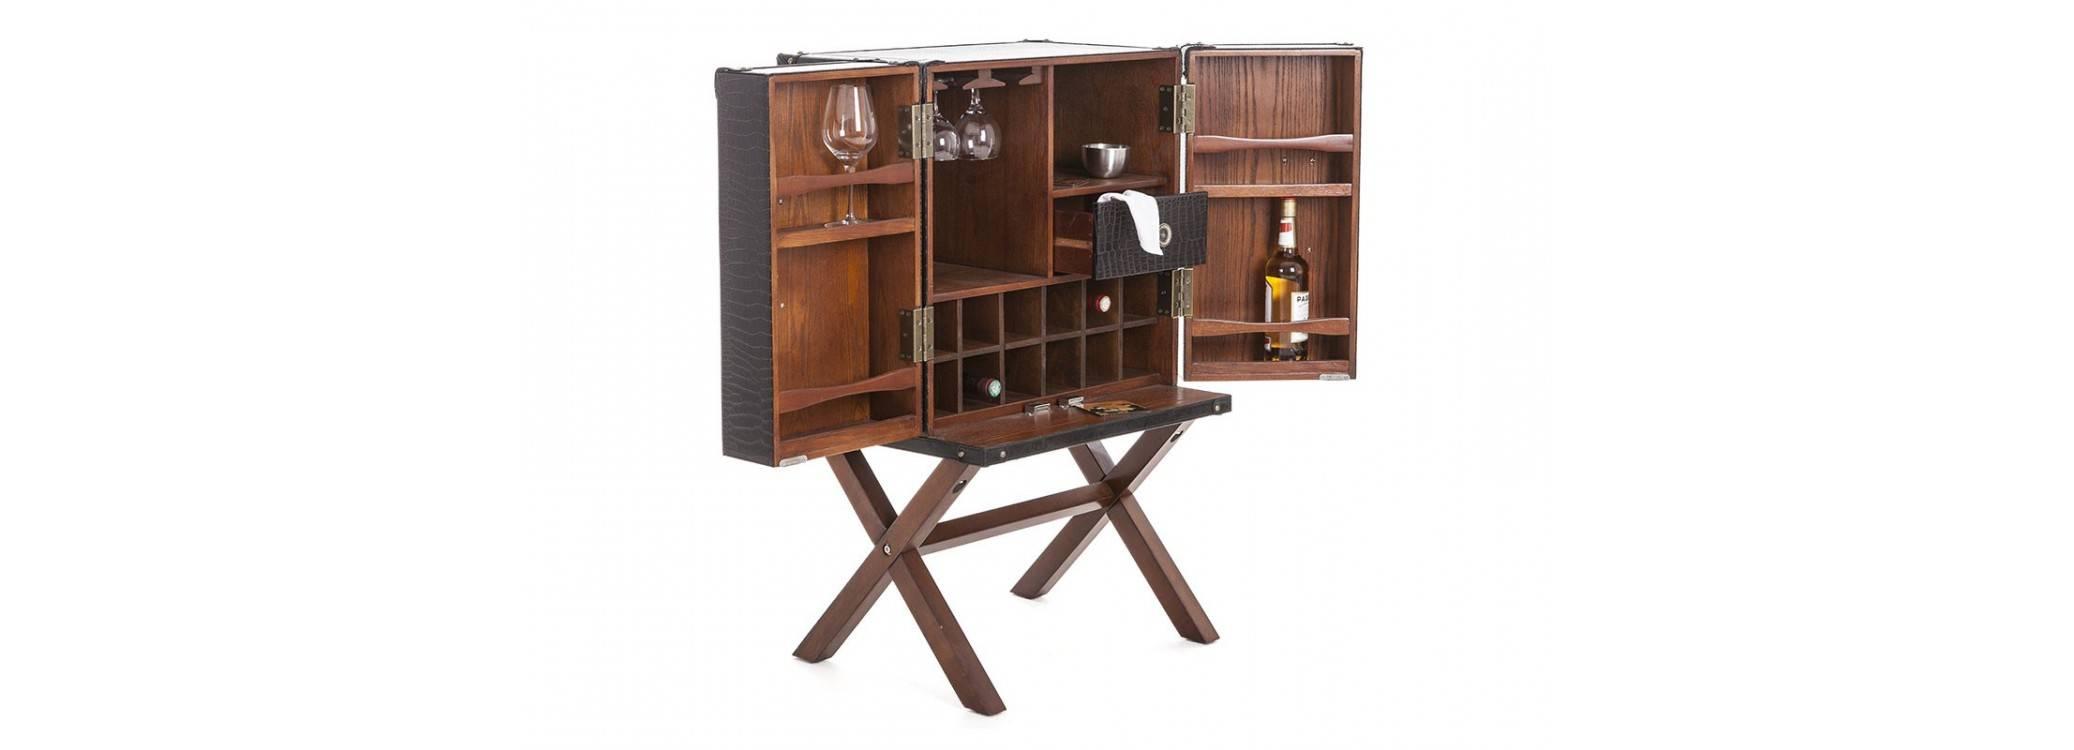 Malle bar sur stand Cap Horn - Petit modèle - Façon croco marron foncé